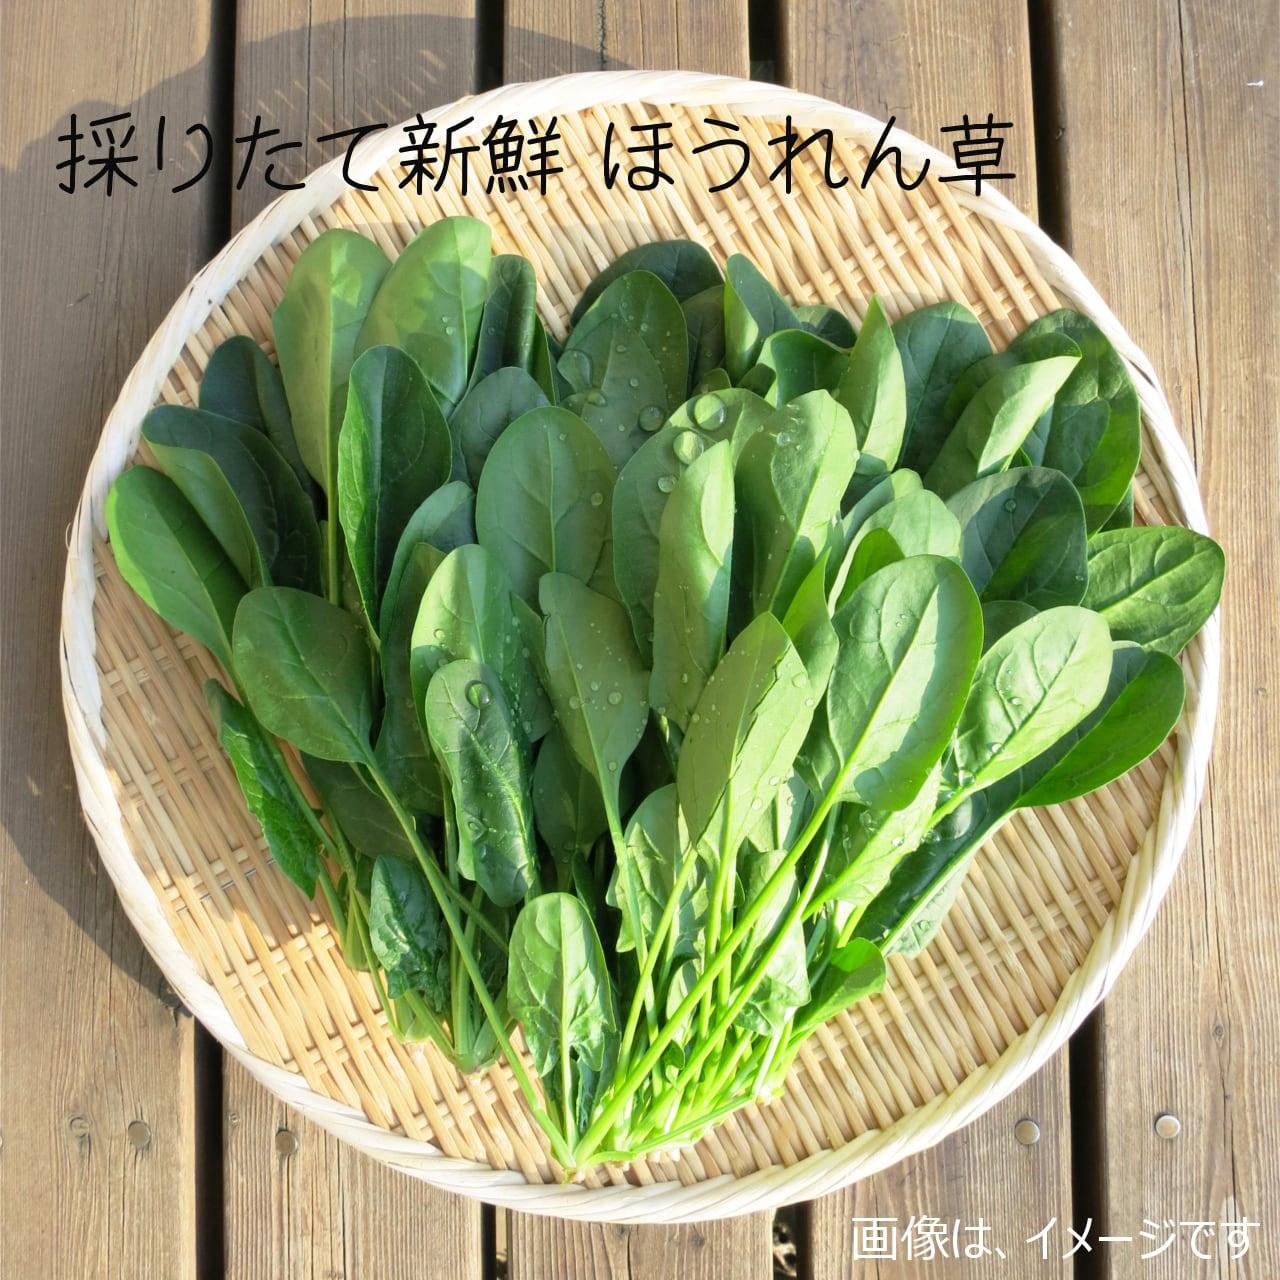 6月の朝採り直売野菜 : ホウレンソウ 約300g 春の新鮮野菜 6月5日発送予定